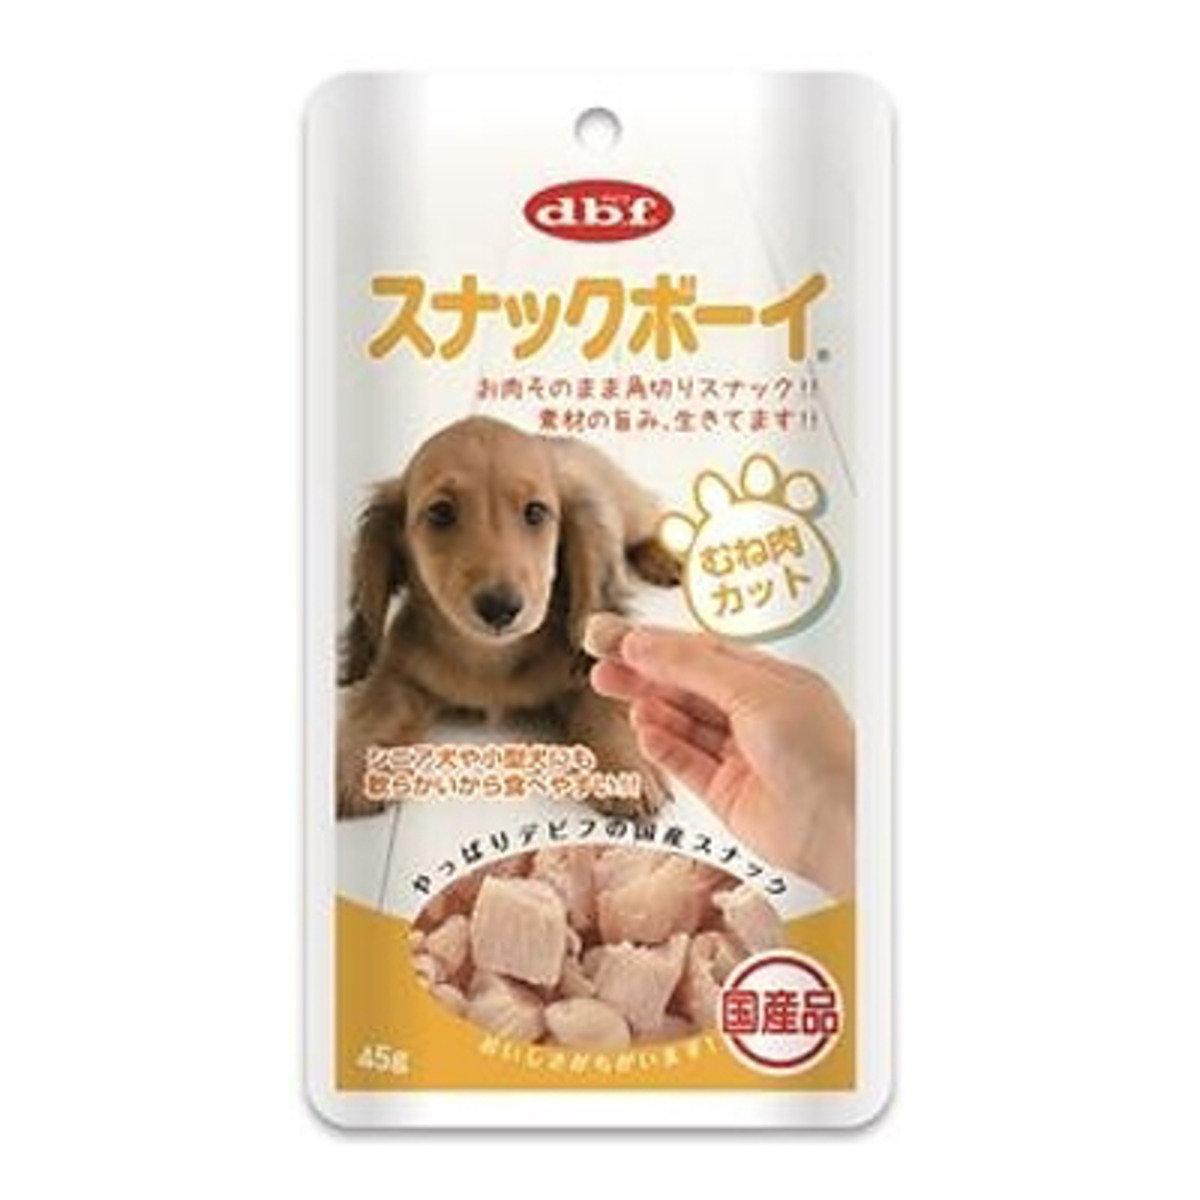 日本 DBF 雞胸肉粒 45g